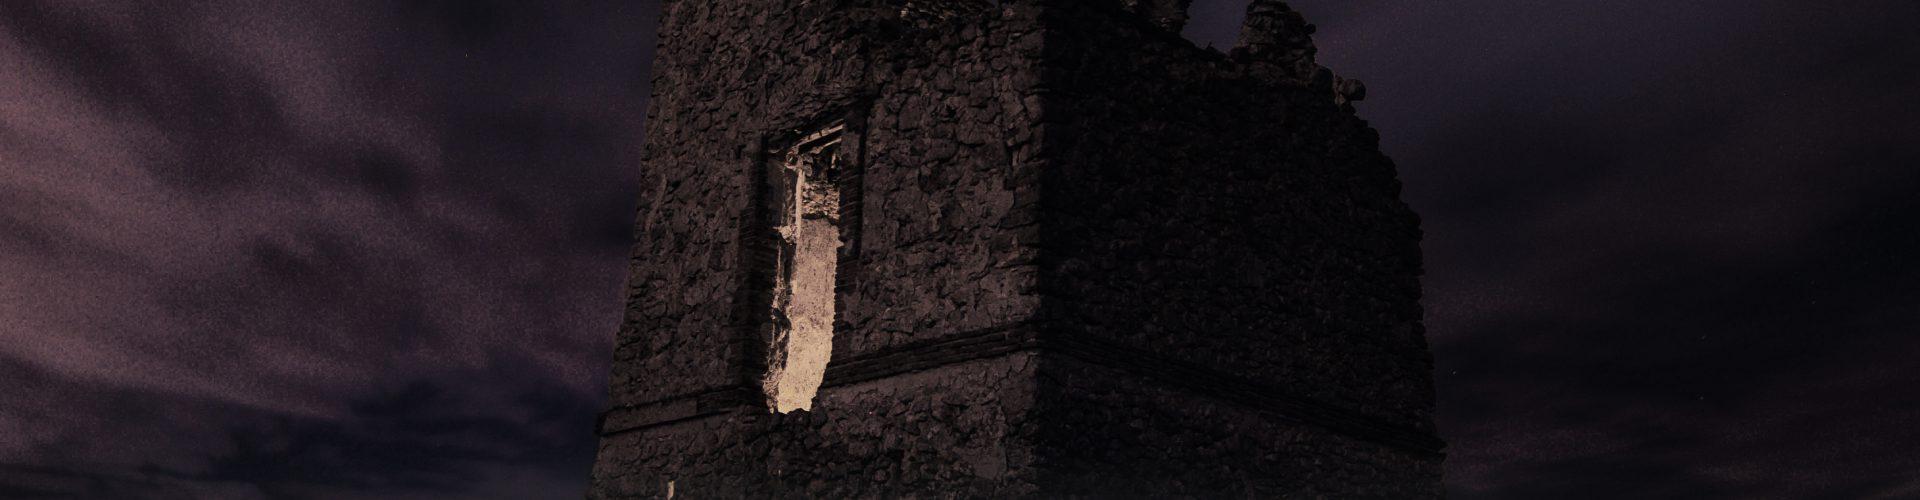 Ein mysteriöser Turm in den Schatten